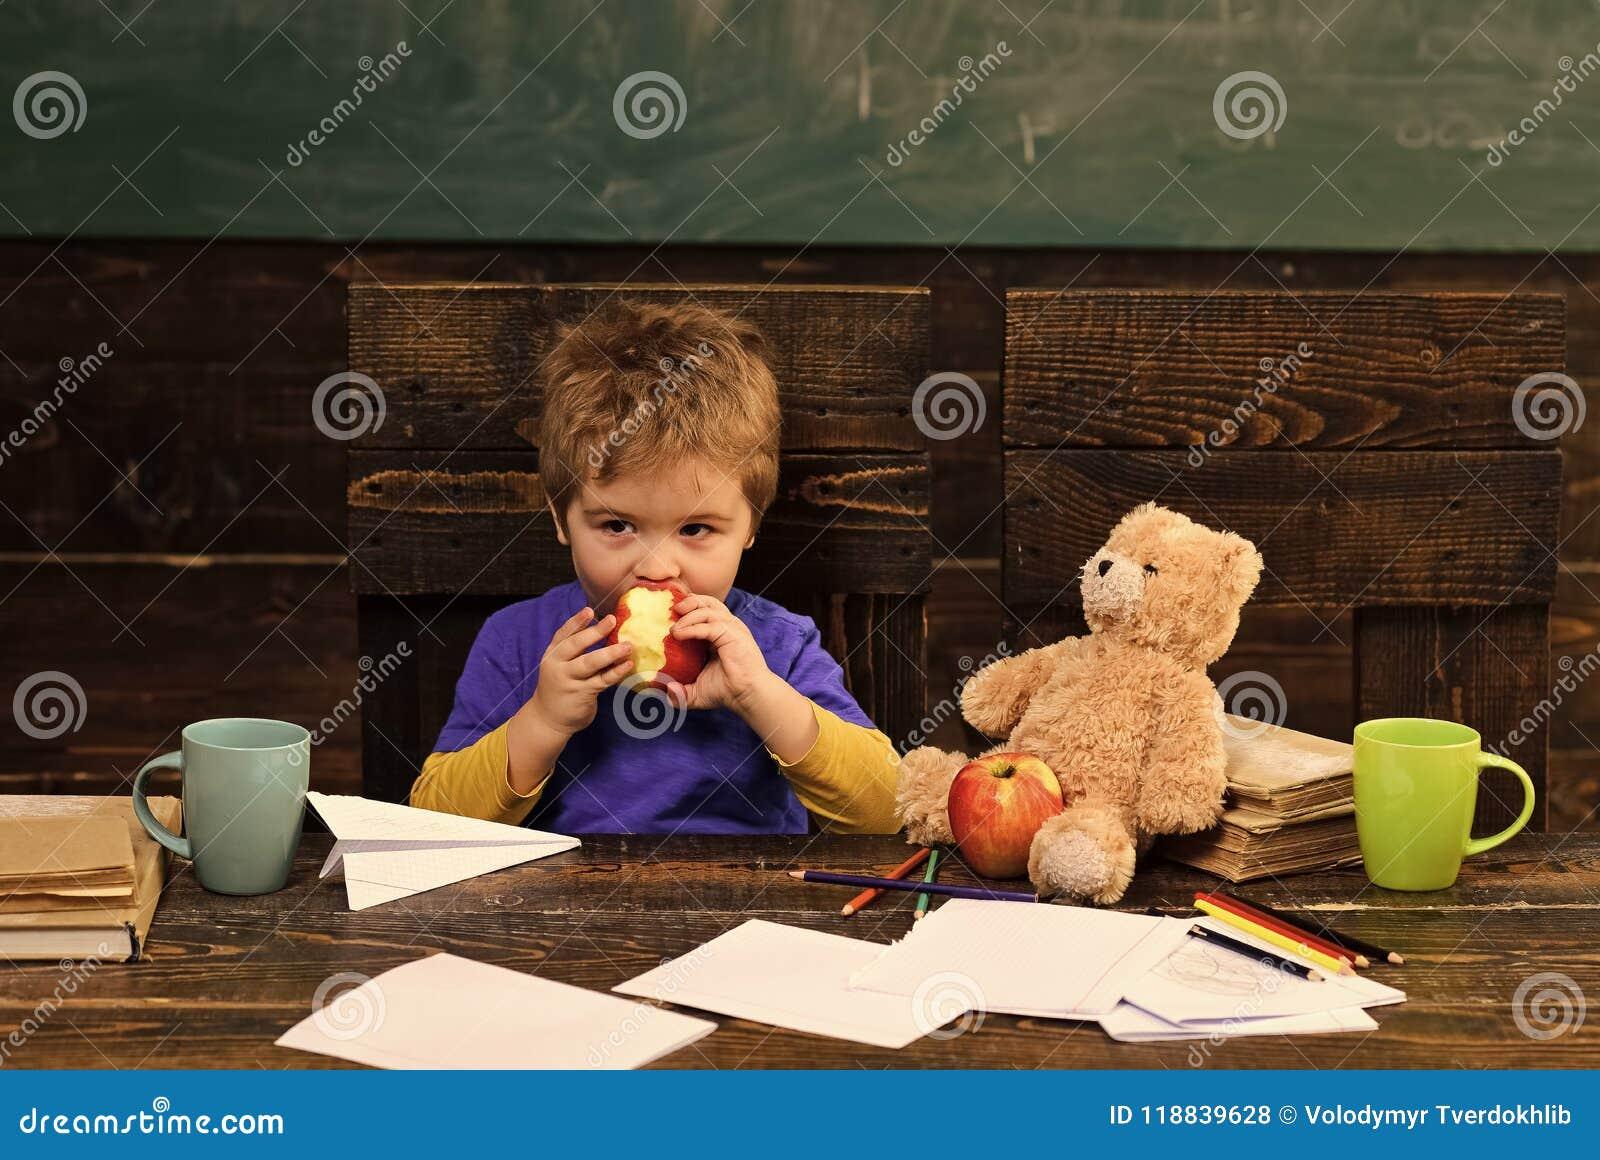 Σχολική αλλαγή Σχολικό σπάσιμο Πεινασμένο μήλο δαγκώματος παιδιών στην τάξη Το μικρό παιχνίδι αγοριών με το αεροπλάνο εγγράφου κα